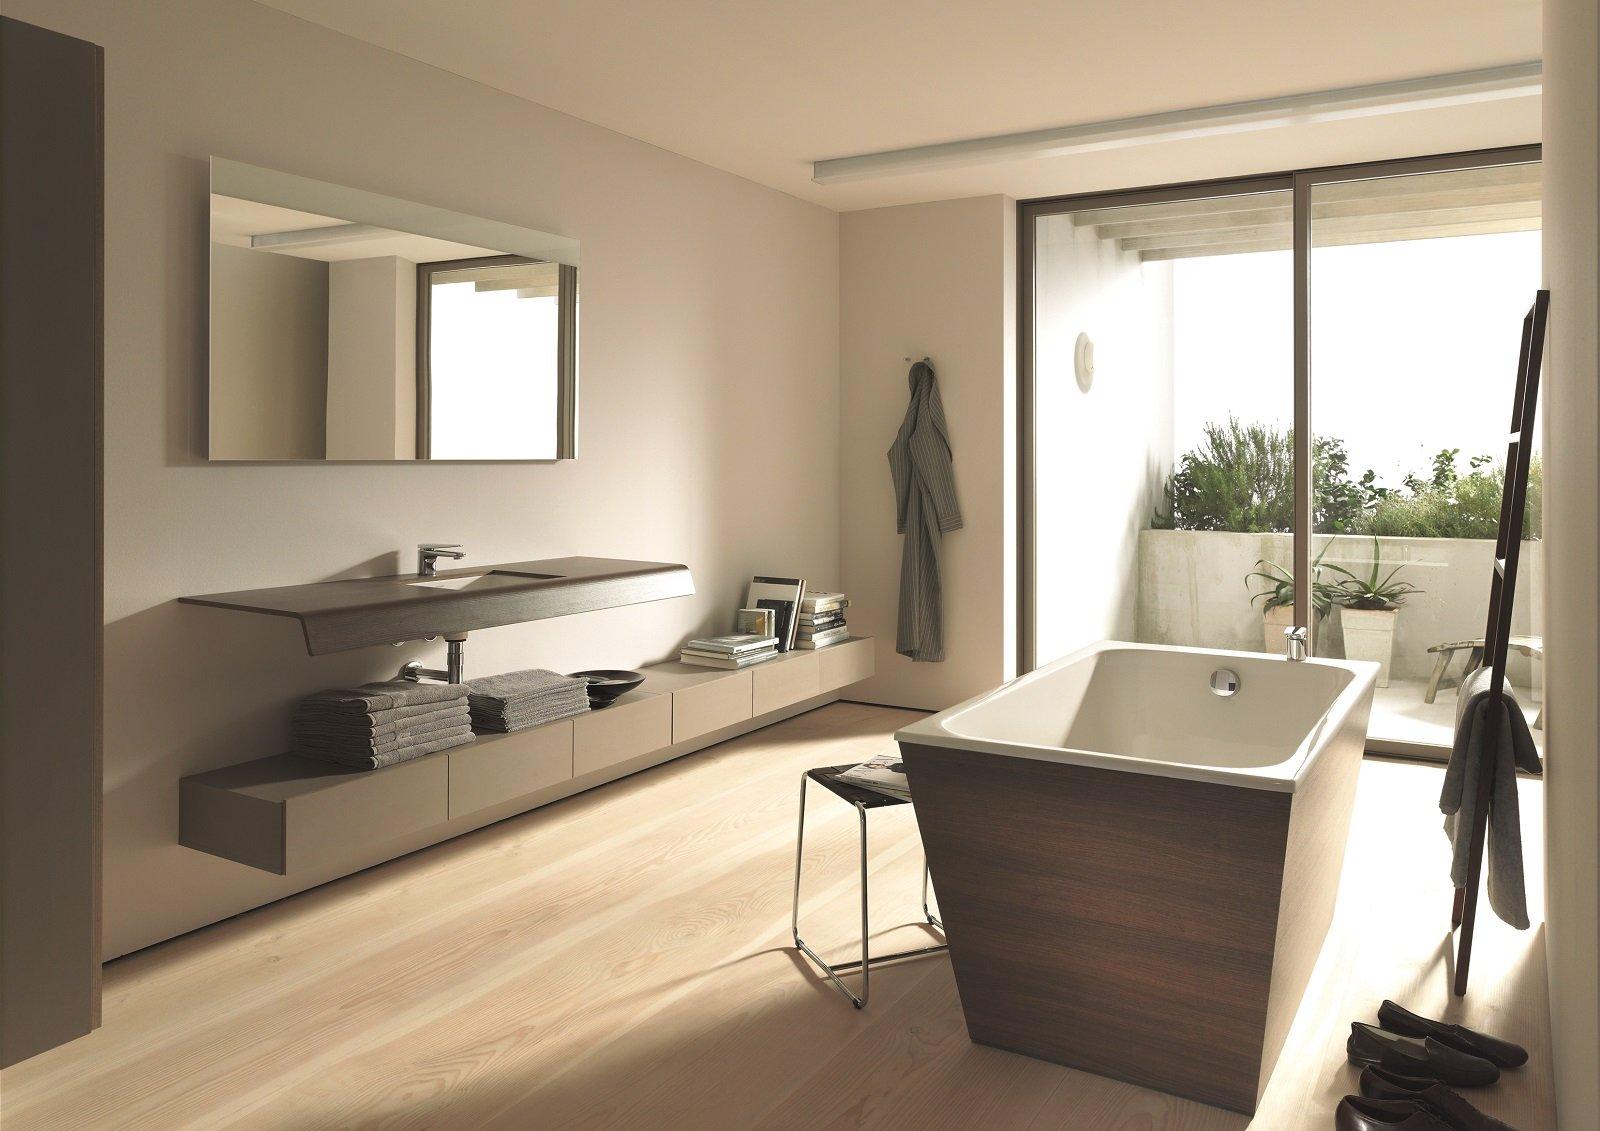 Vasche Da Bagno A Sedere Dimensioni : Vasche da bagno misure e prezzi eccezionale vasca da bagno con